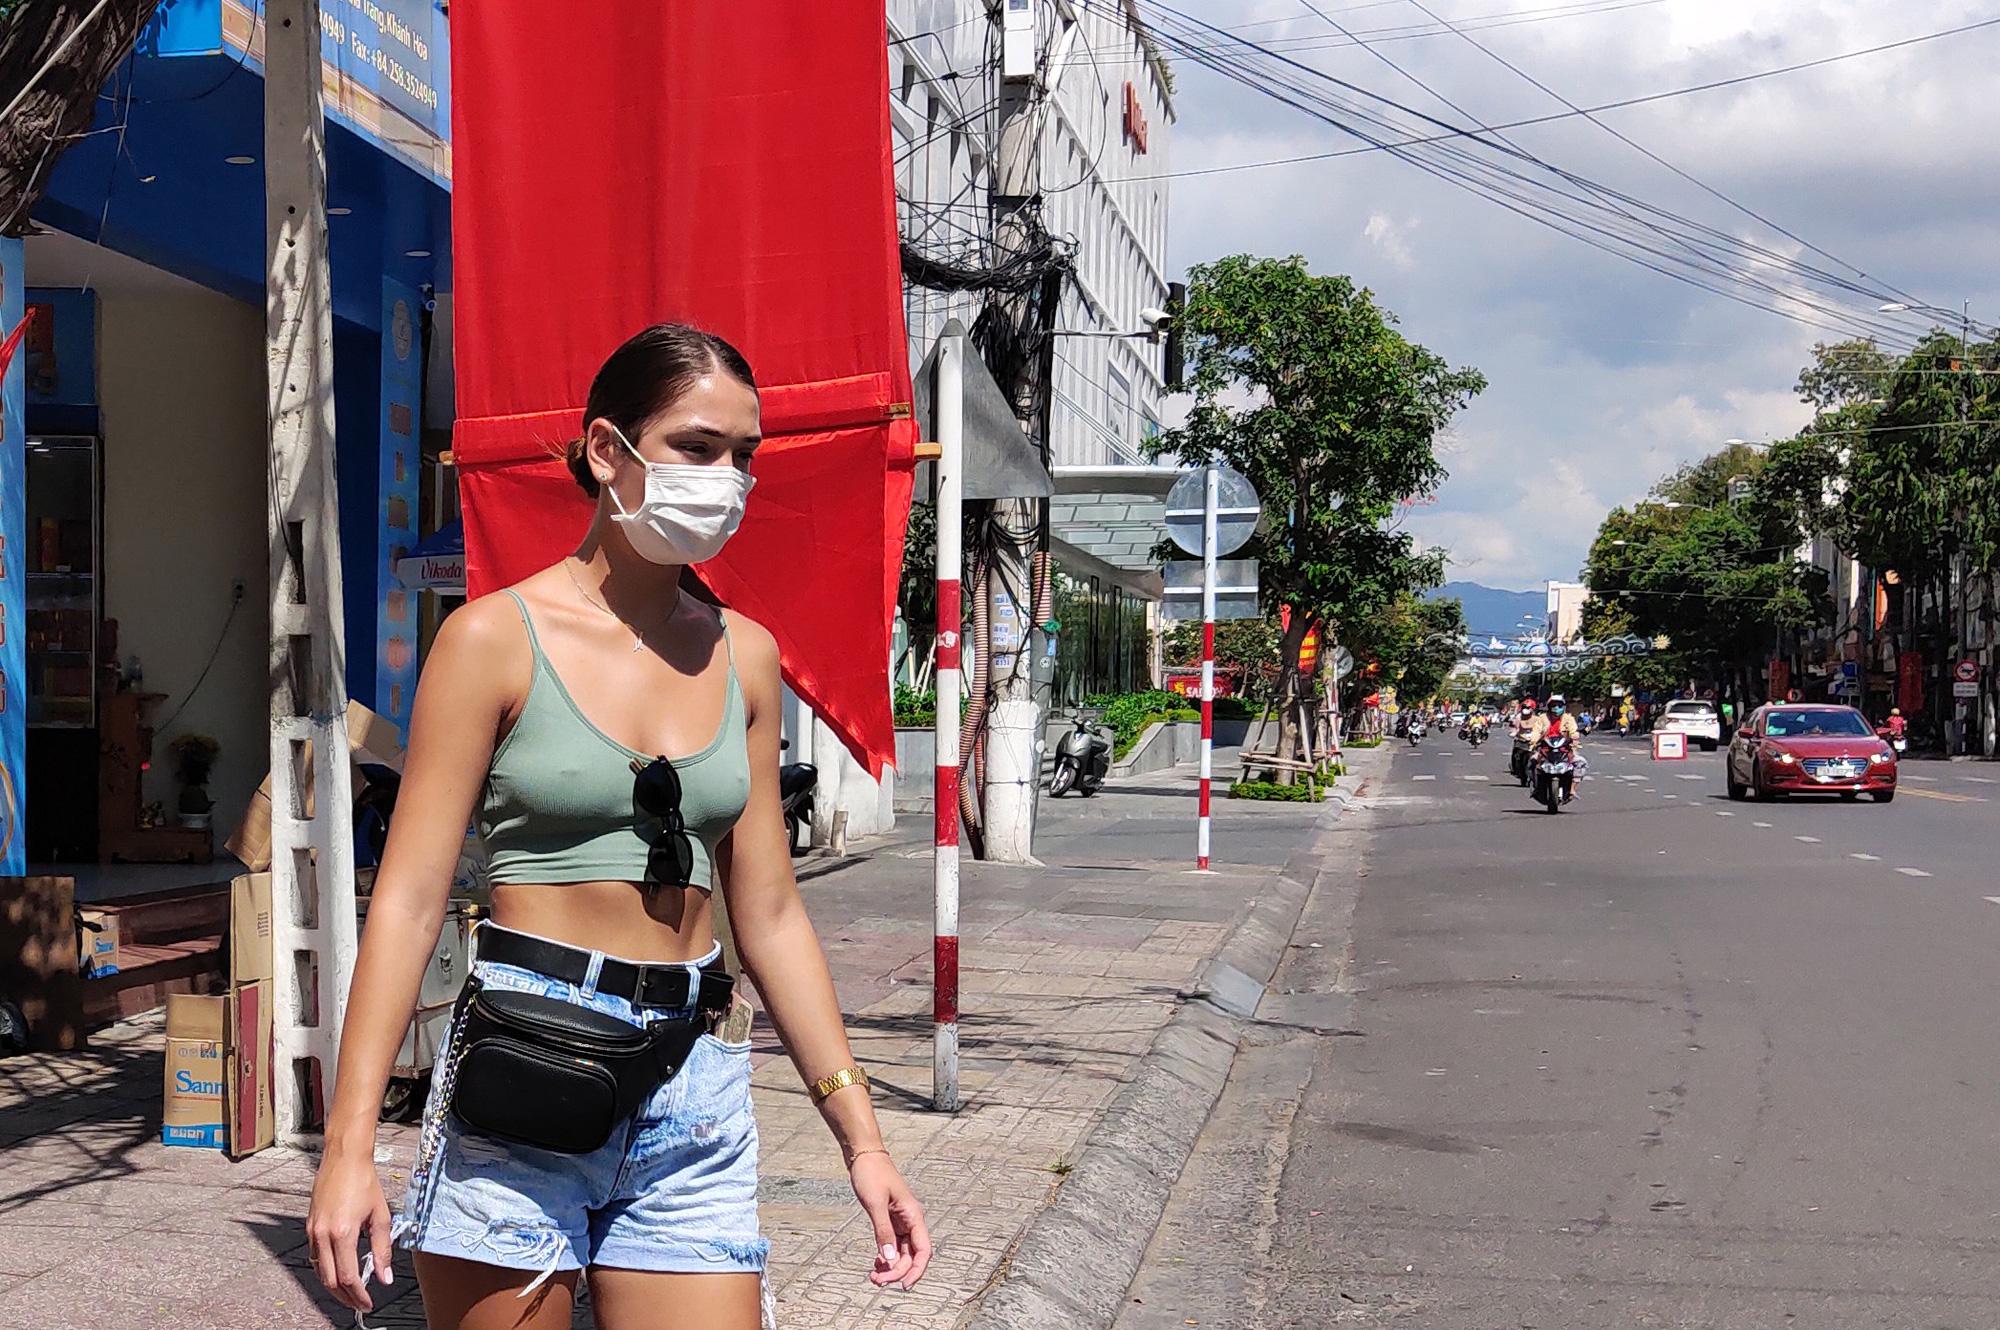 Du khách đeo khẩu trang tập luyện thể thao khi Nha Trang tạm ngừng tắm biển và đóng cửa các điểm vui chơi - Ảnh 9.